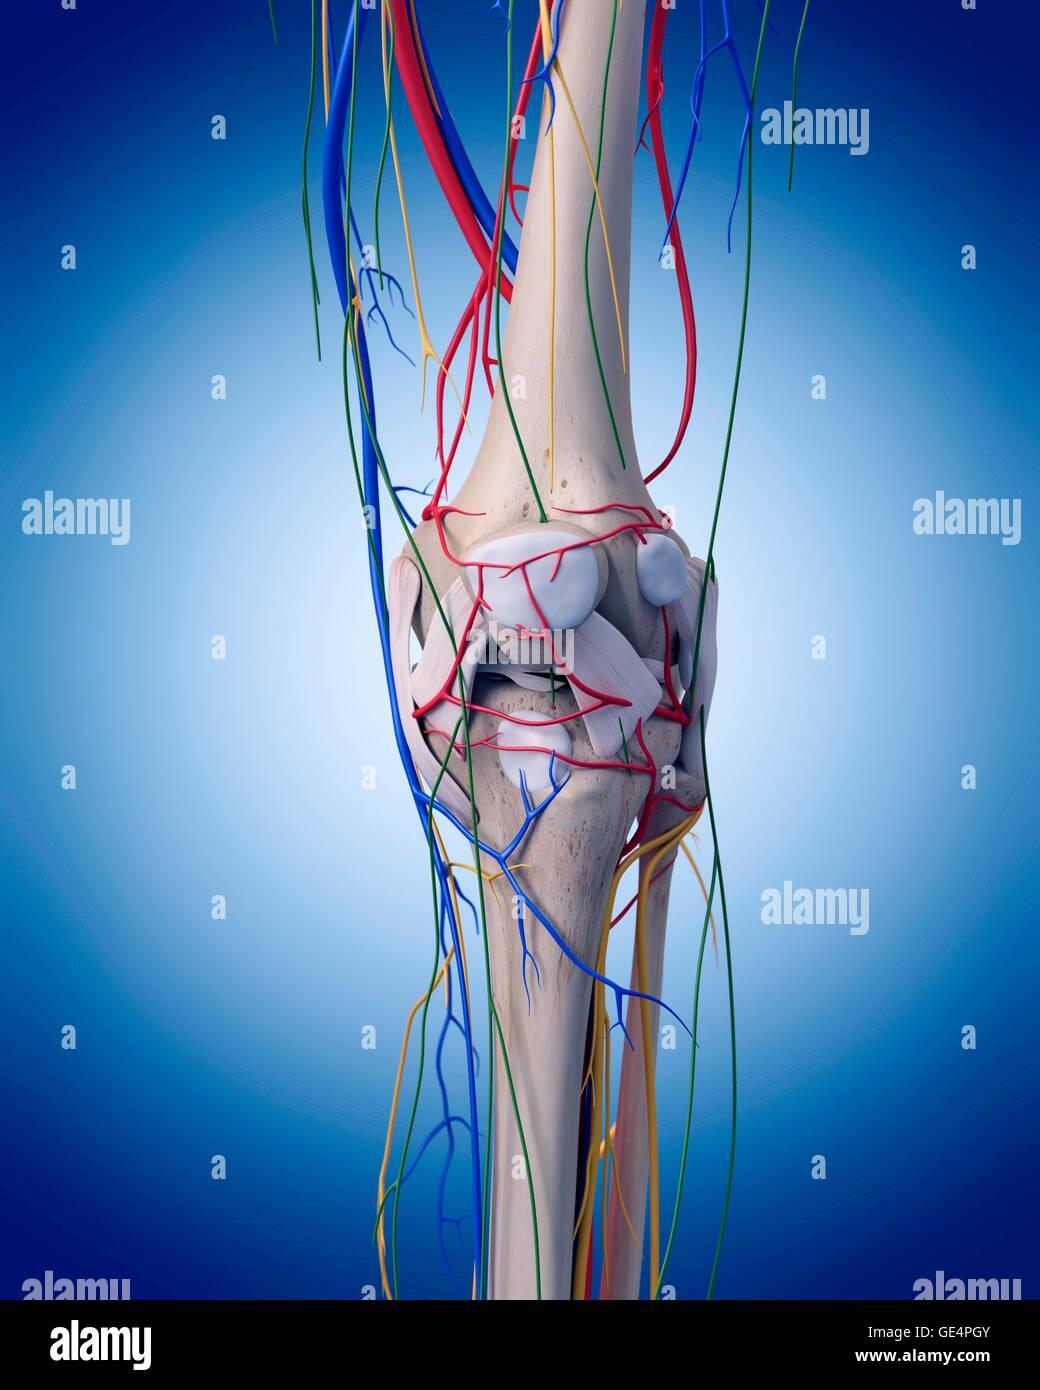 Menschlichen Knie Anatomie, Abbildung Stockfoto, Bild: 111972923 - Alamy